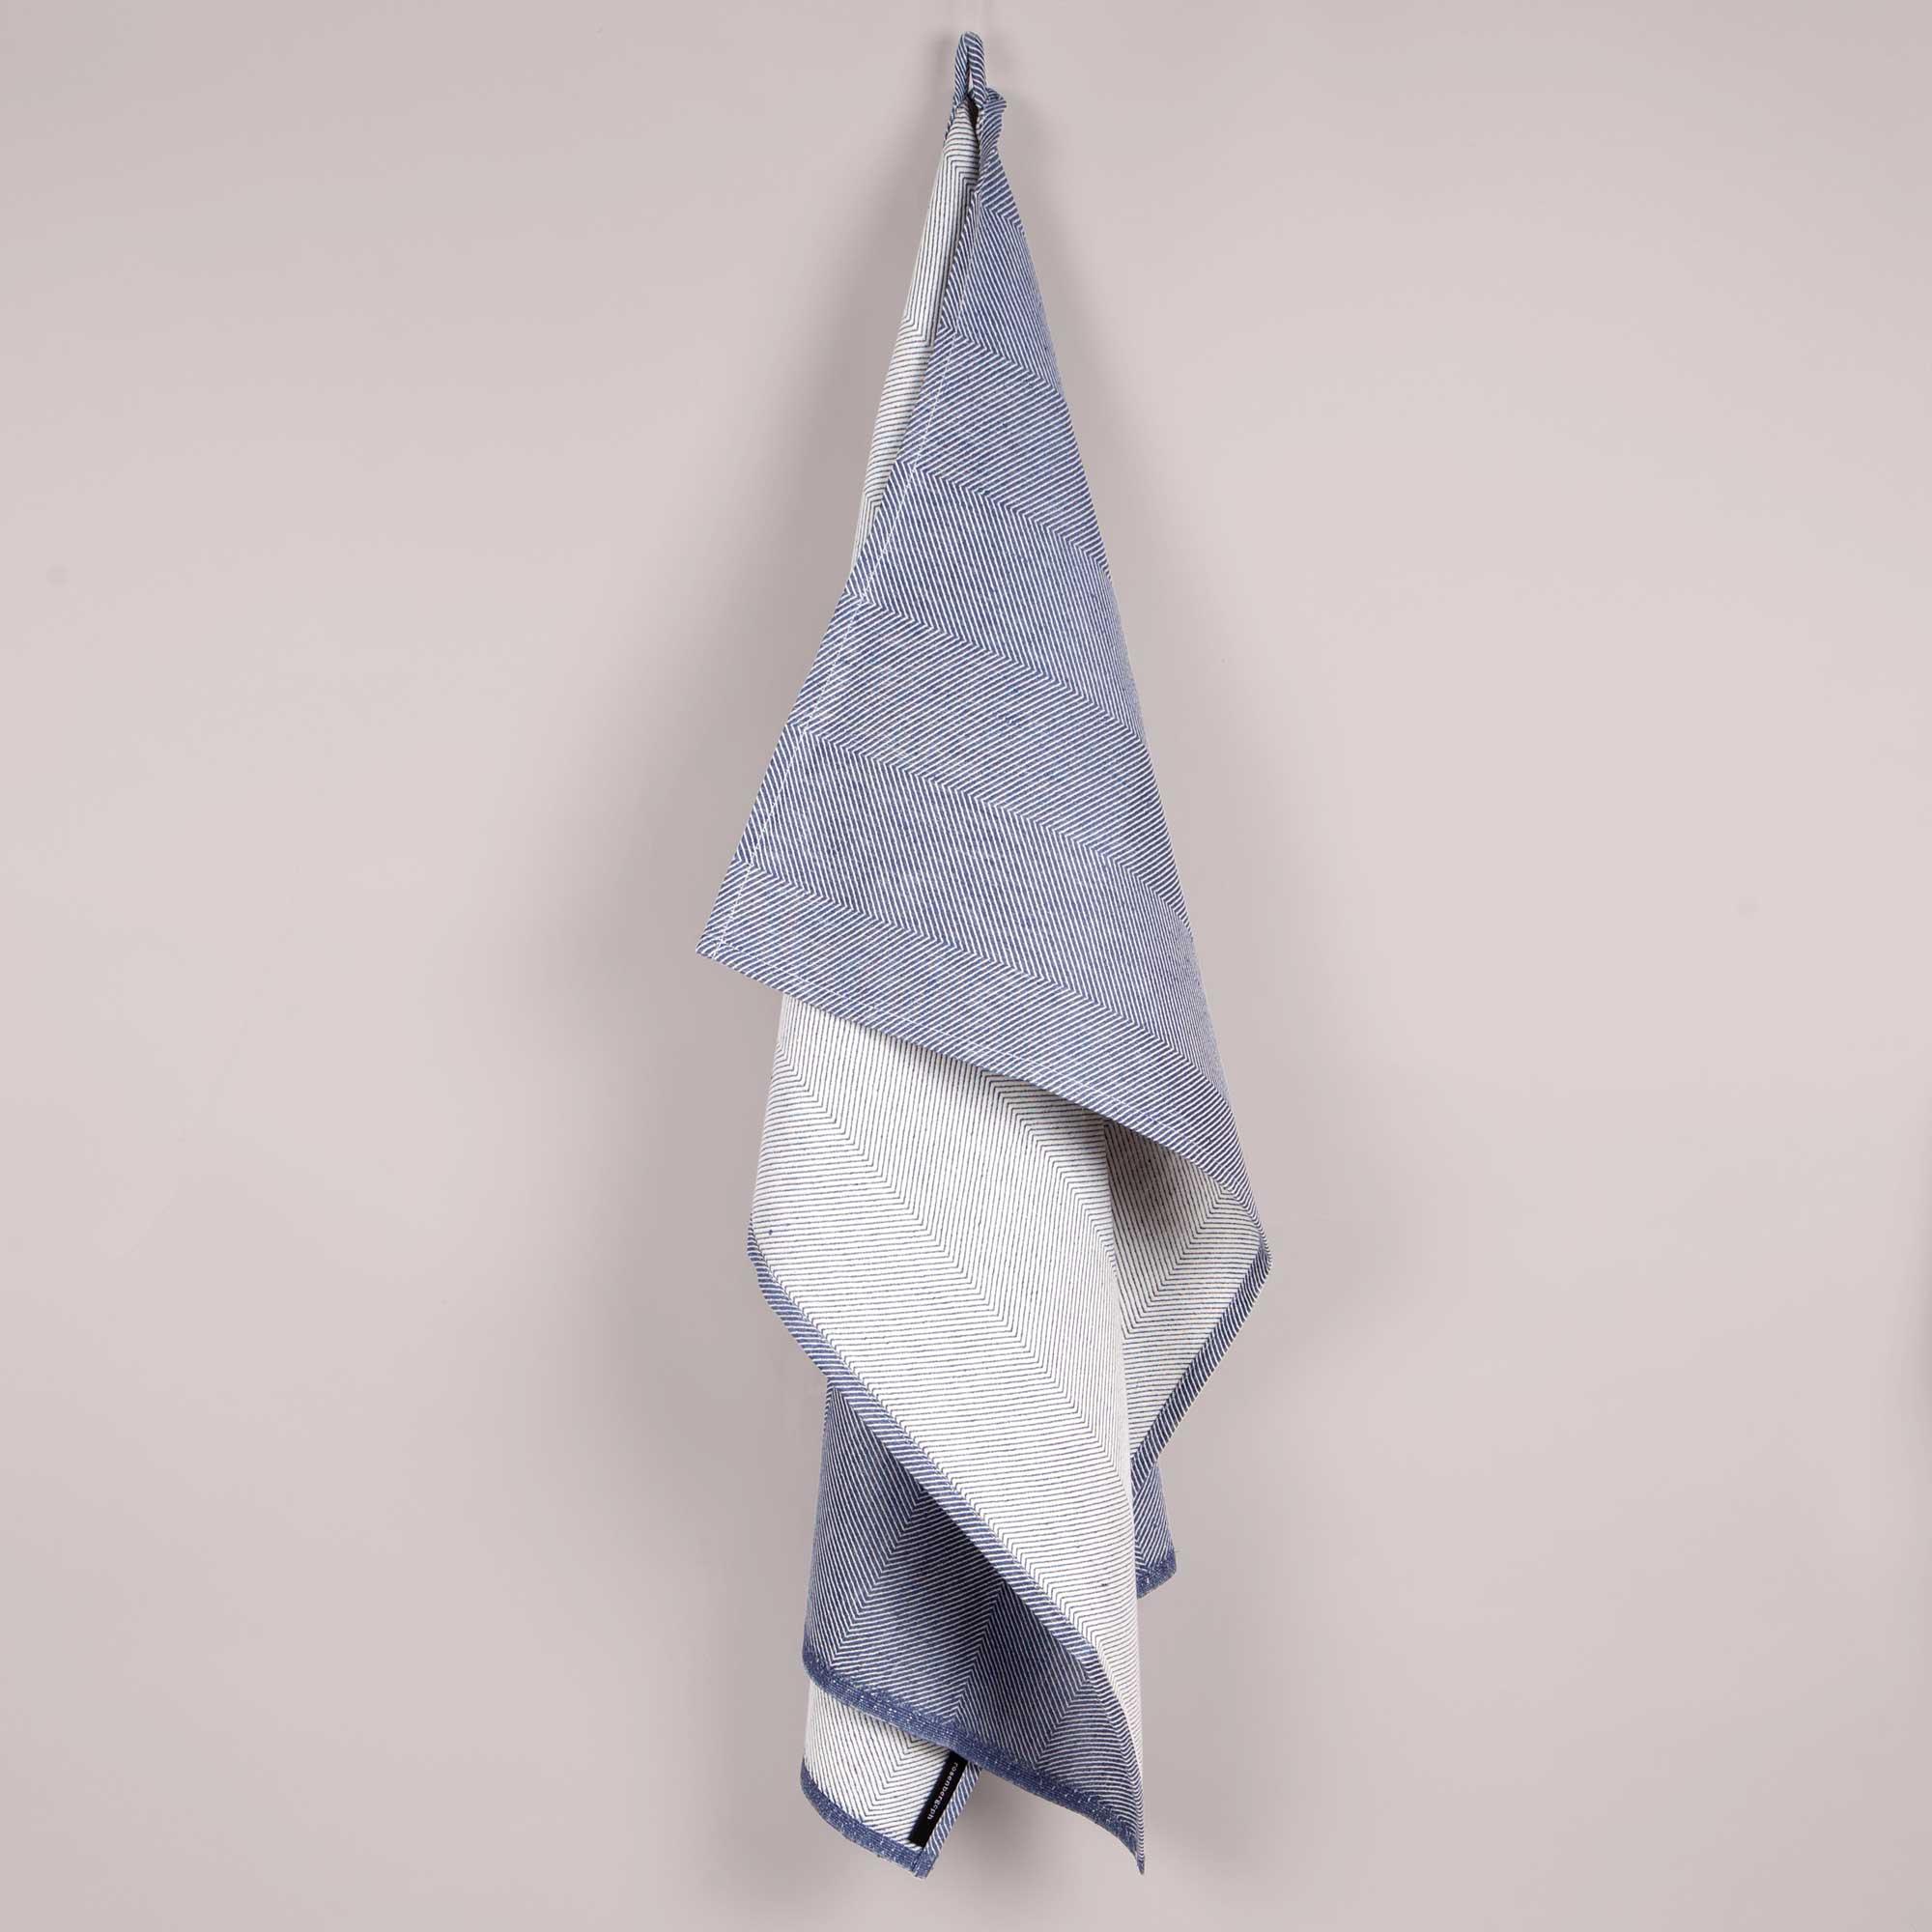 Towel, linen/cotton, indigo blue